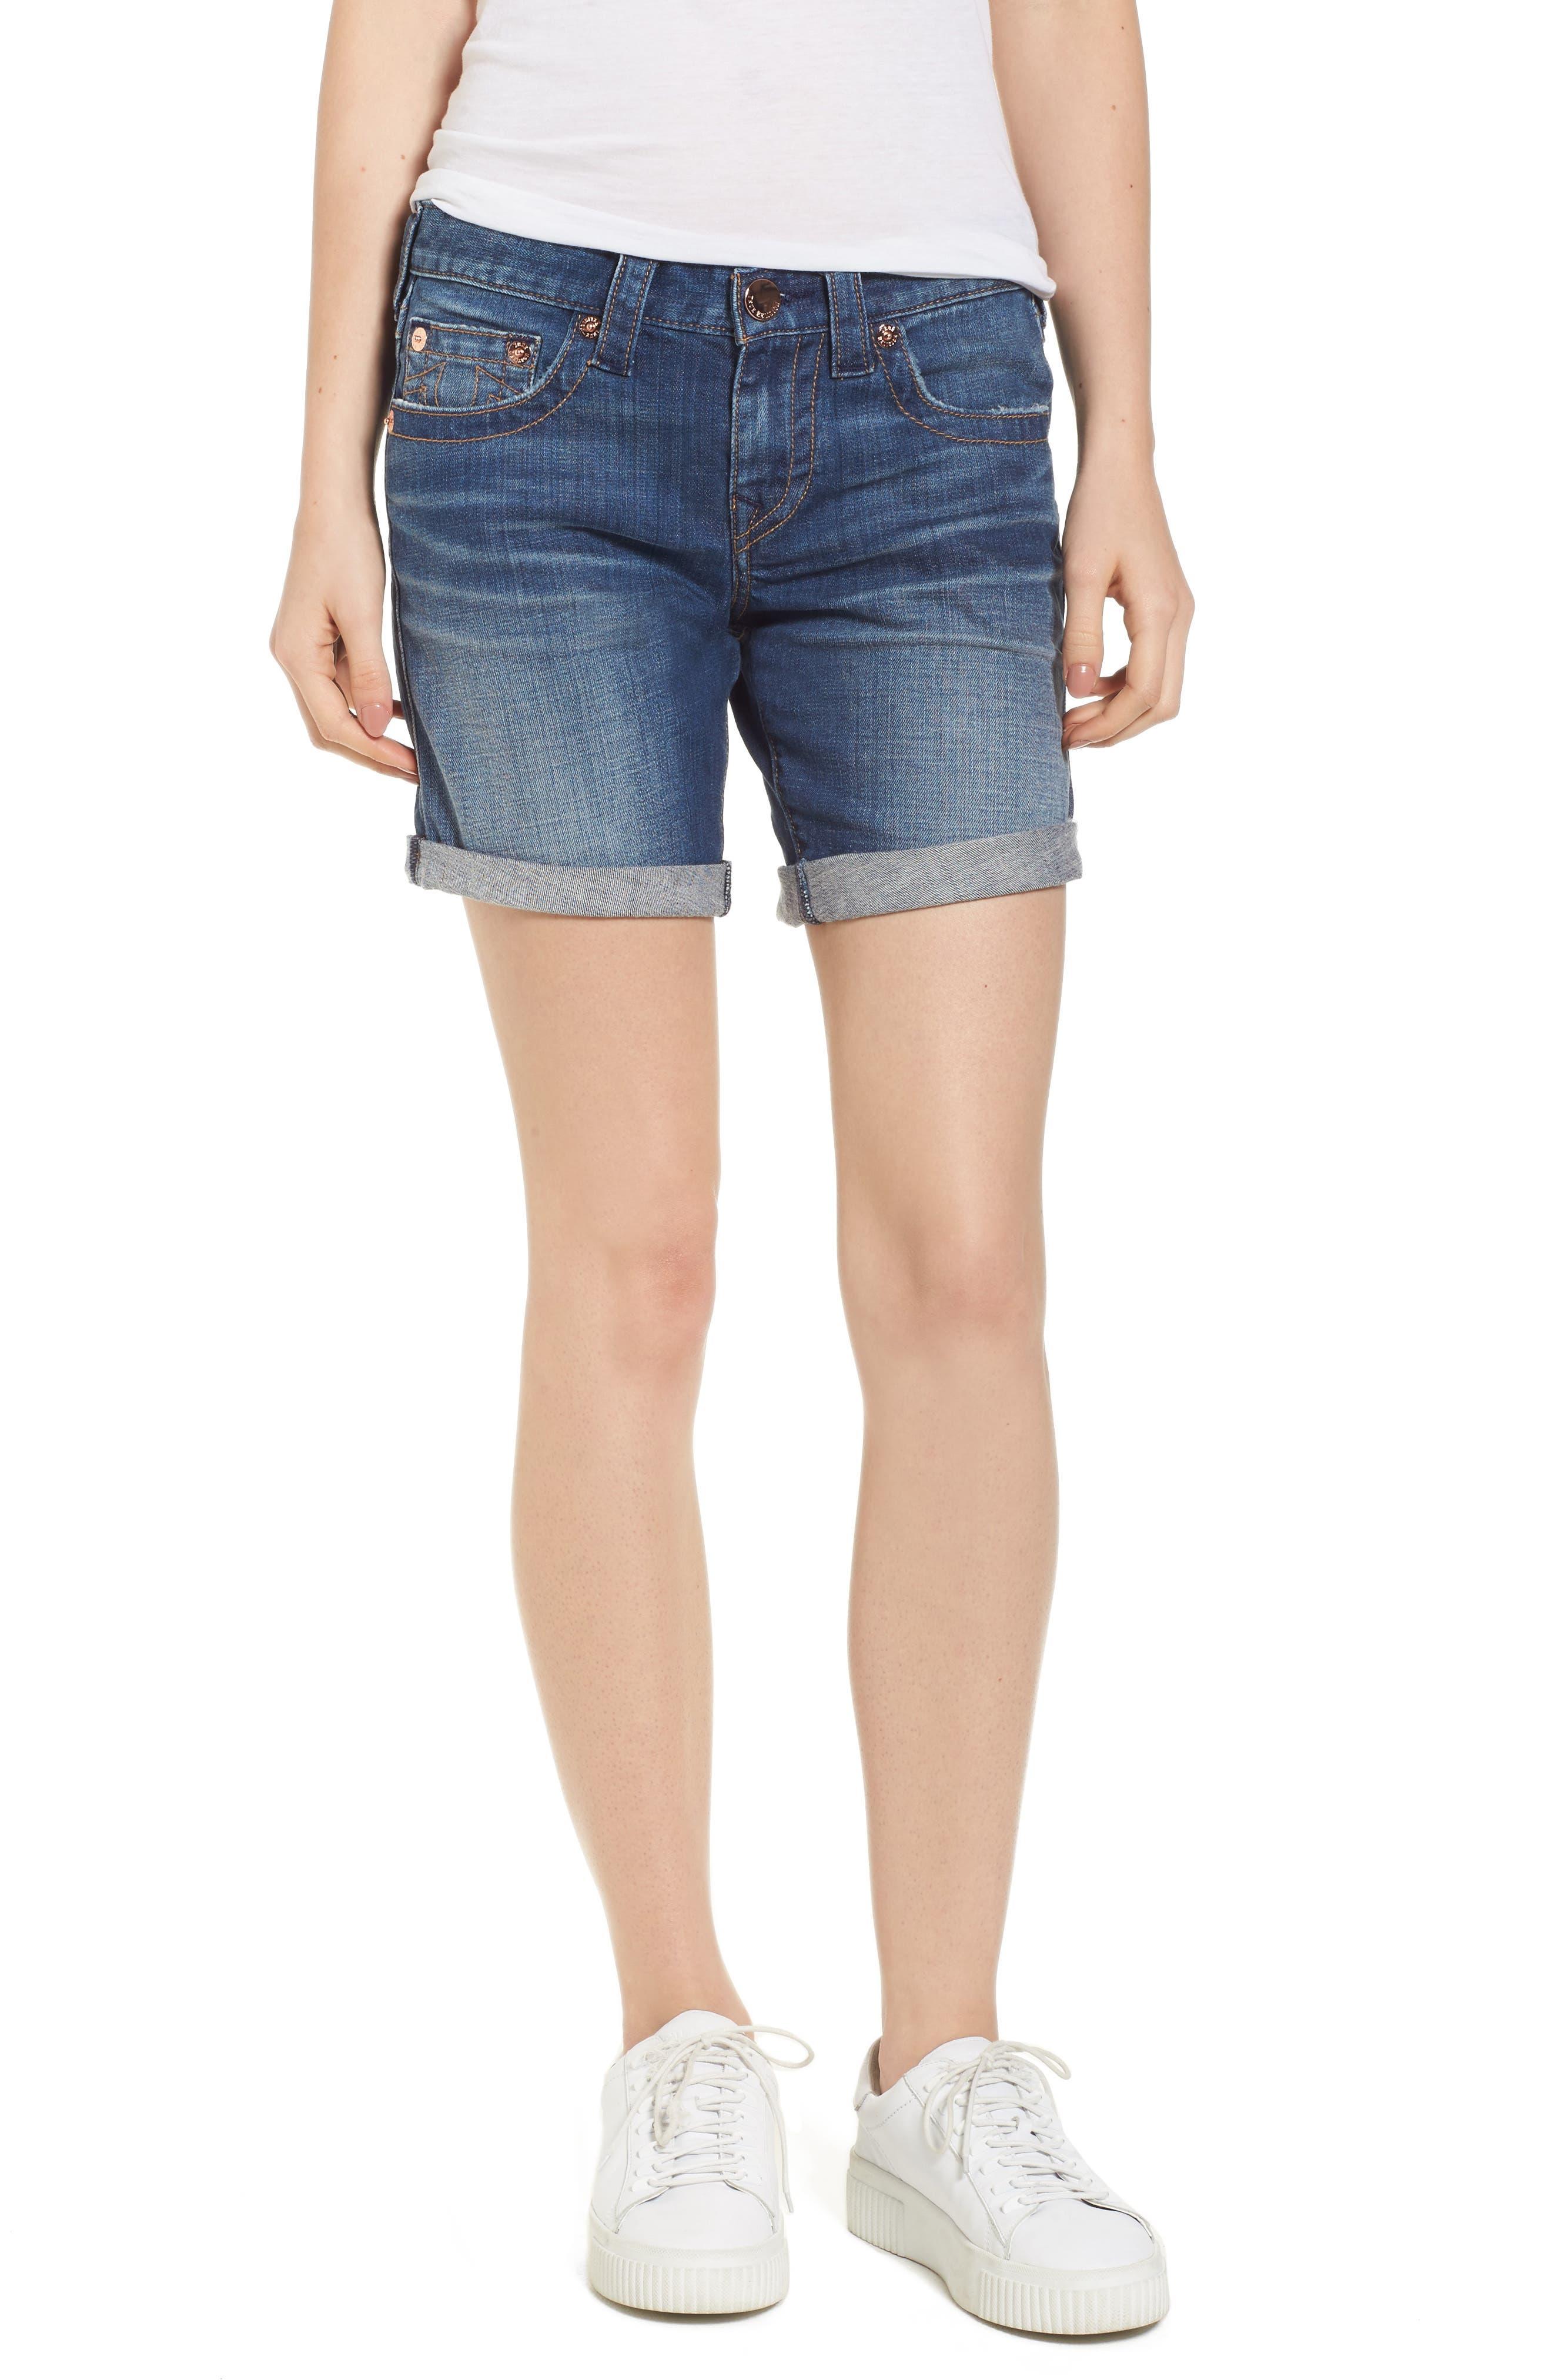 Jayde Shorts,                             Main thumbnail 1, color,                             Hardware Blue